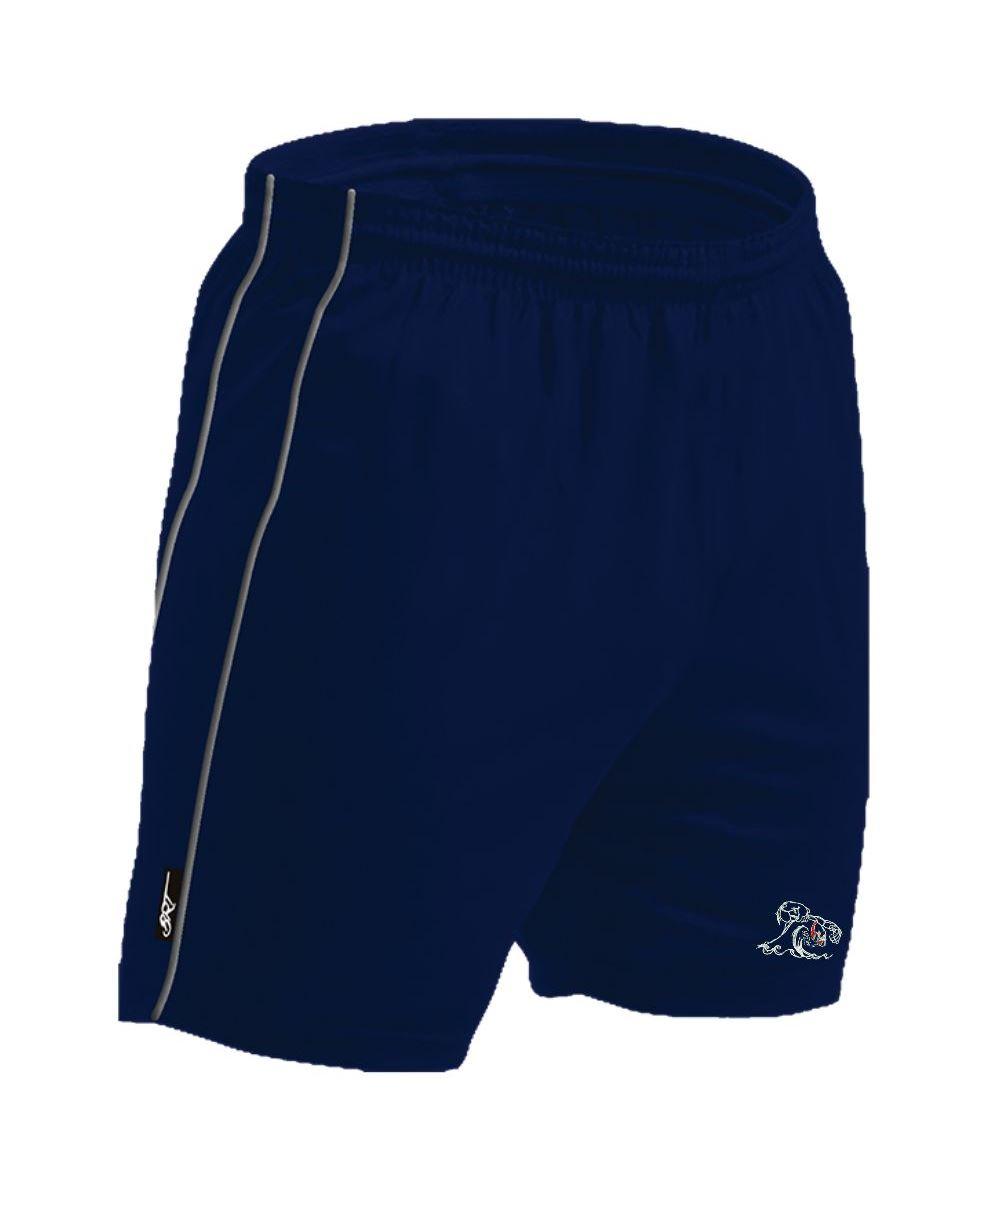 Quad Shorts | Eagar Aquatics